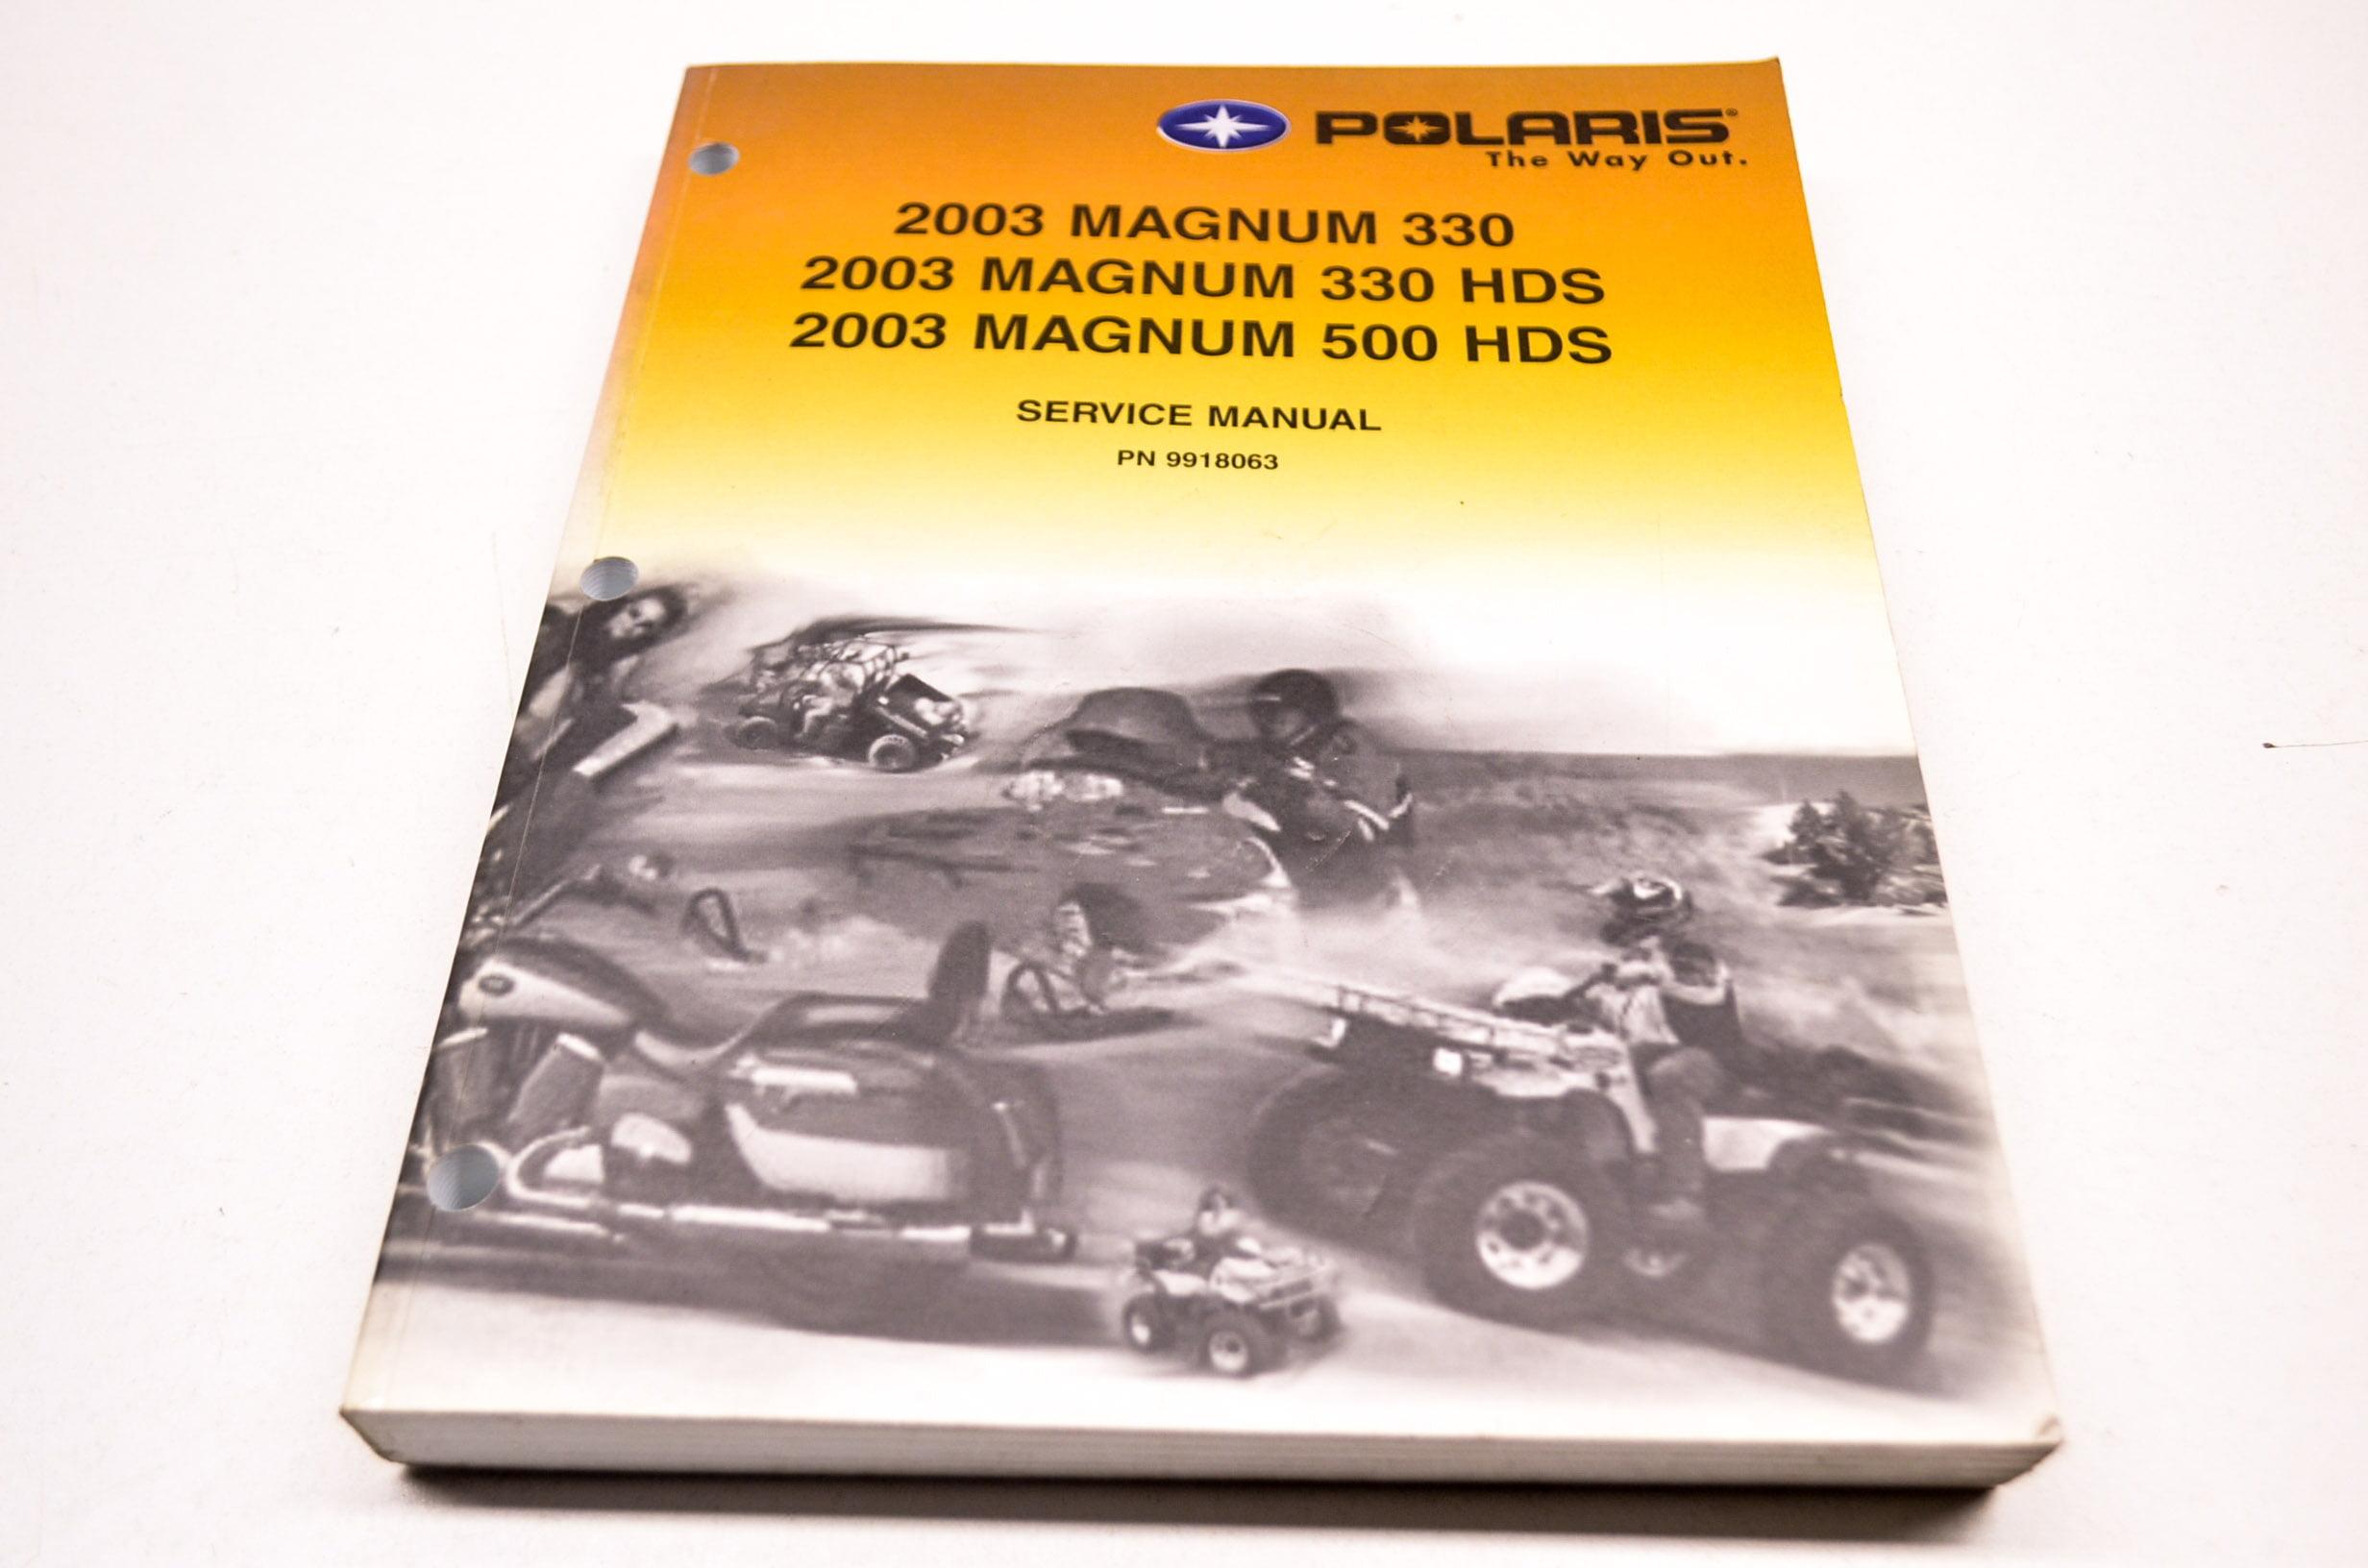 Polaris 9918063 2003 Magnum 330 500 HDS Service Manual QTY 1 - Walmart.com